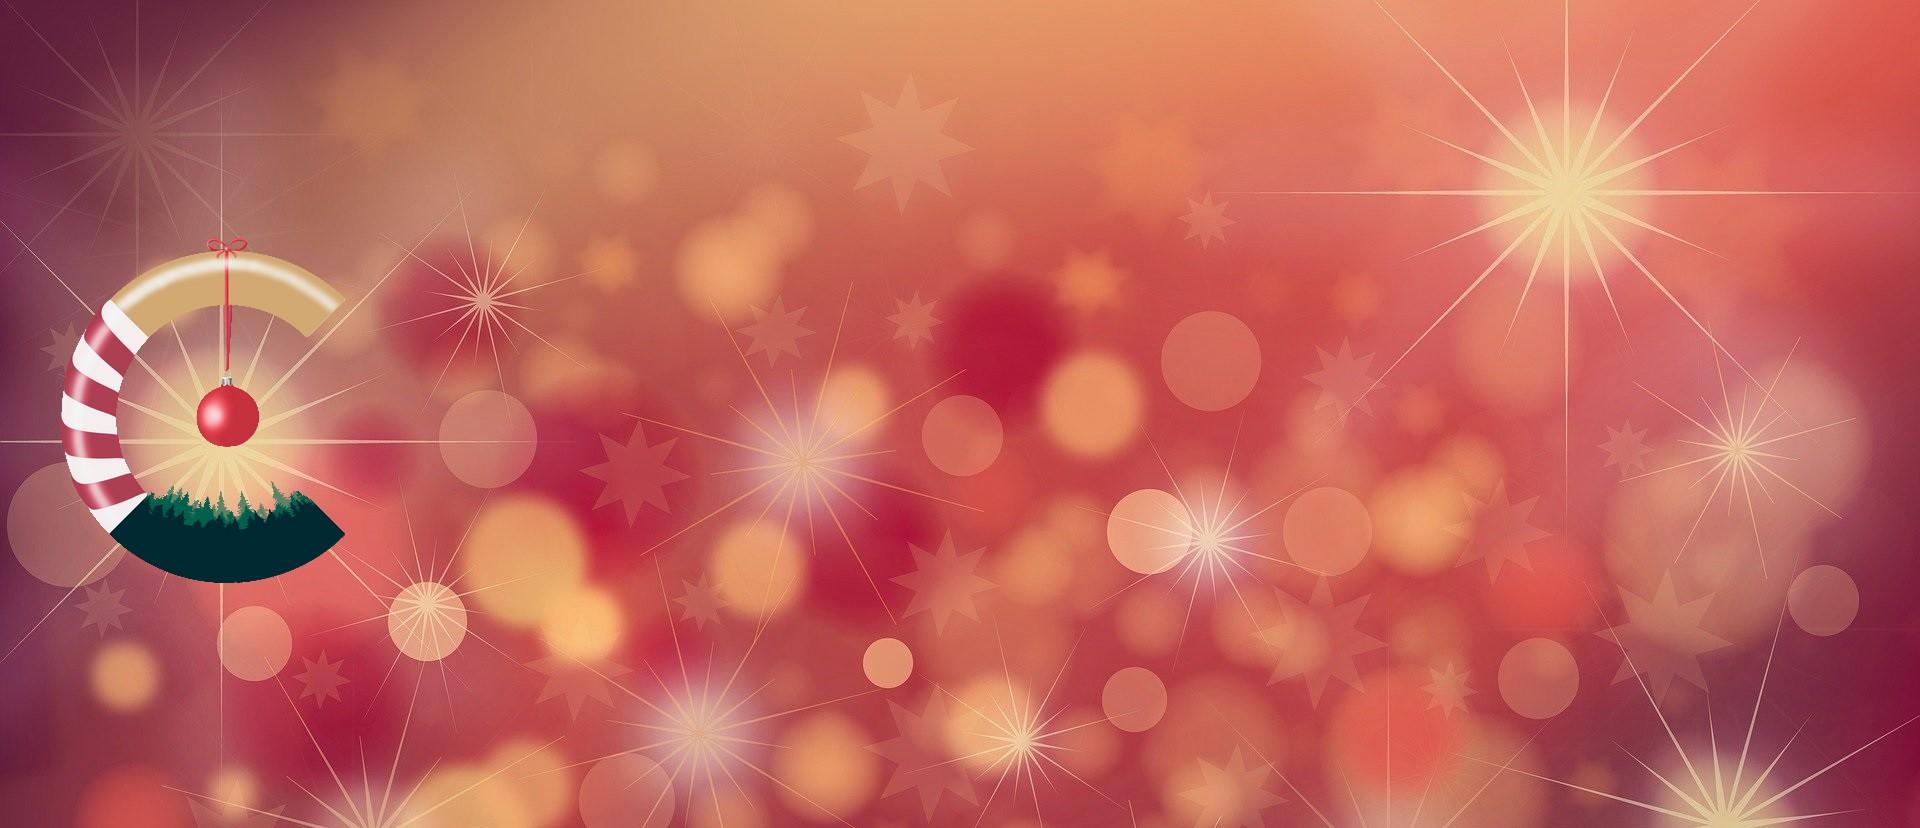 Capture Solutions, vous souhaite de belles fêtes de fin d'année…